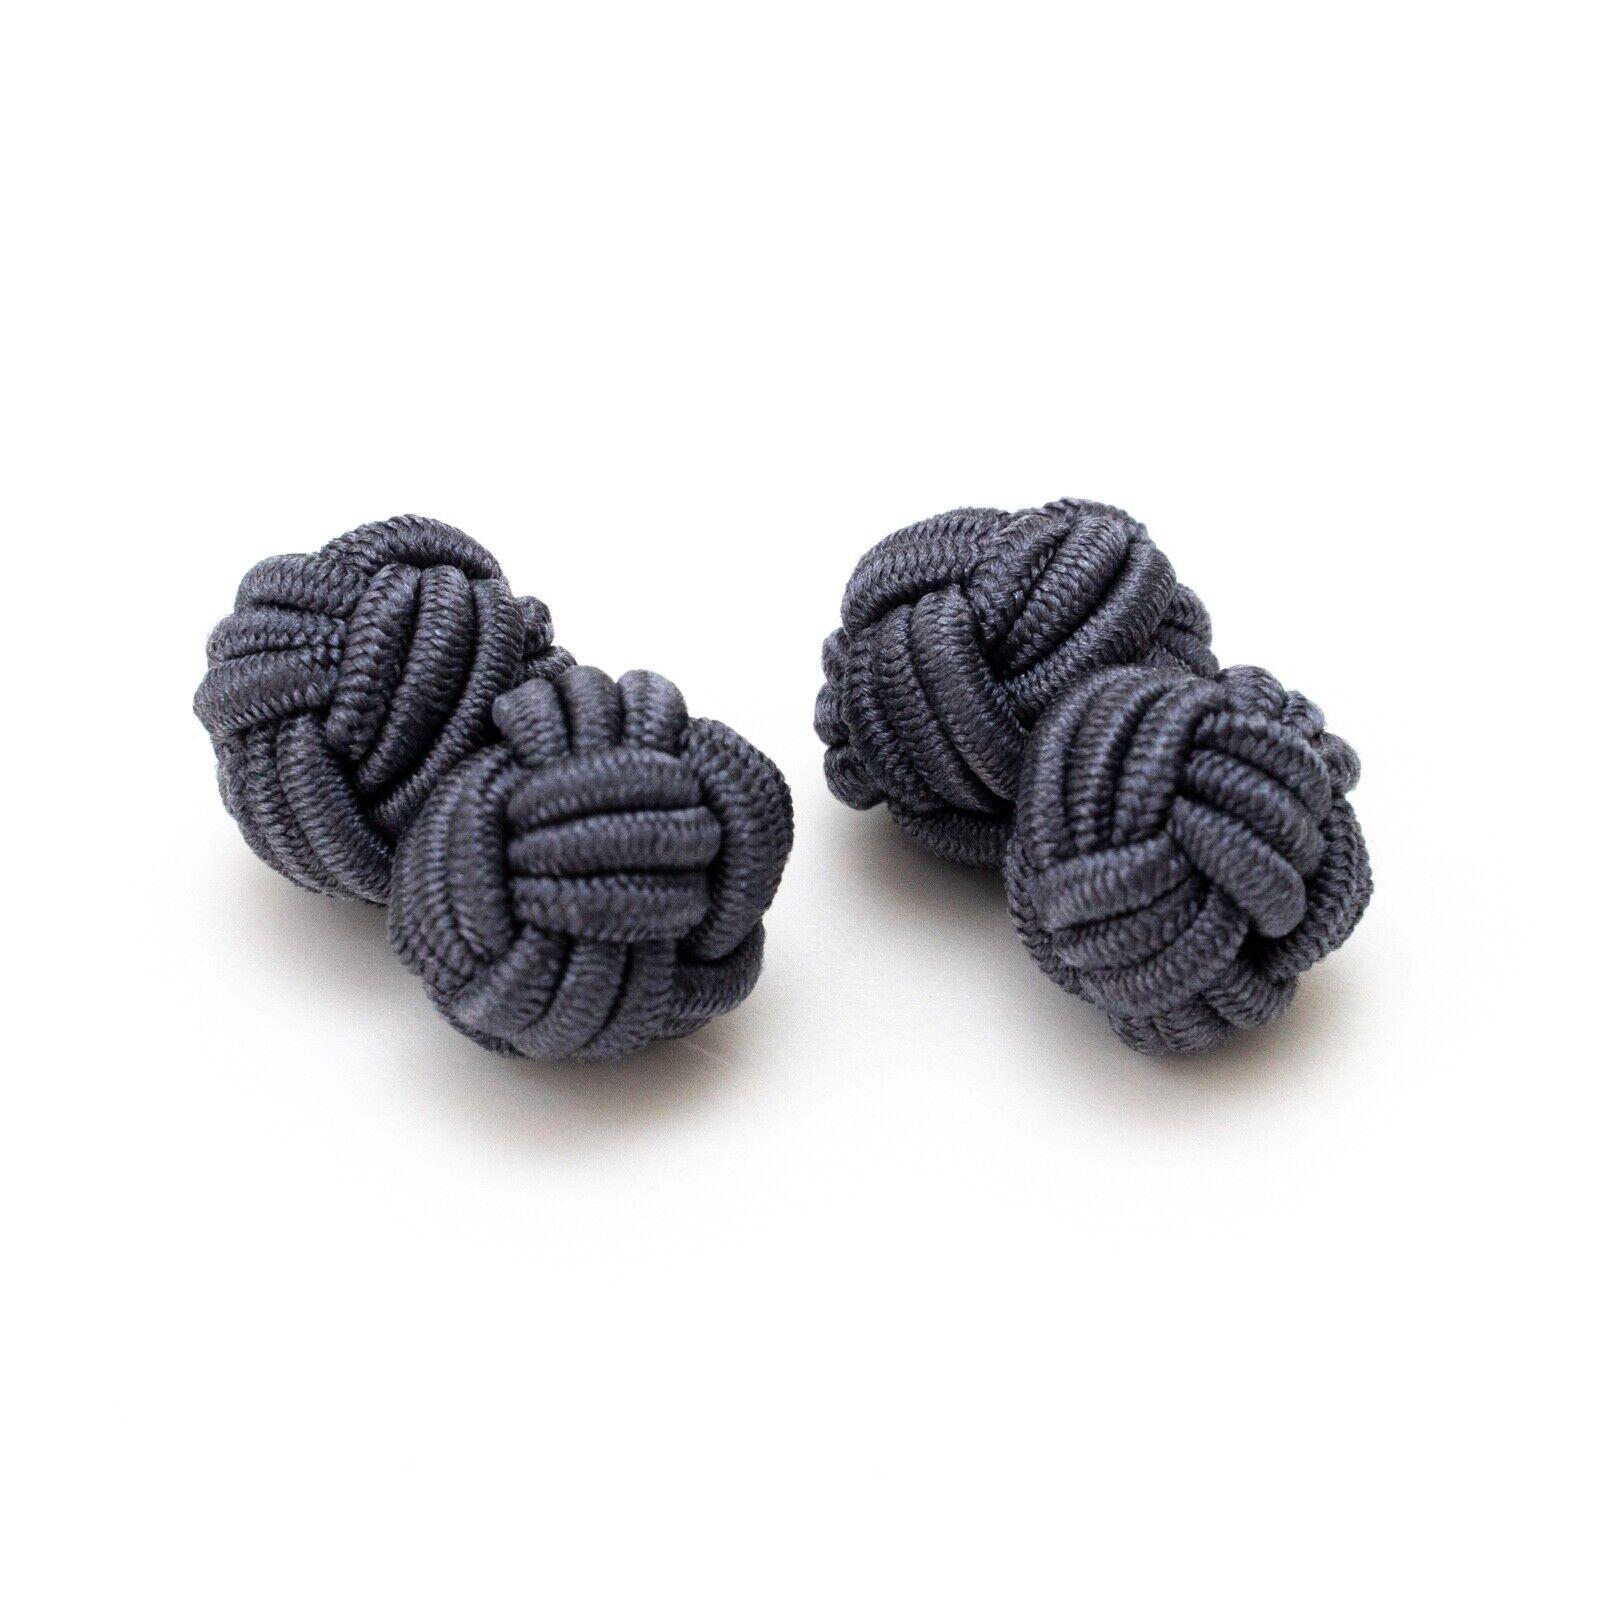 1 Paar Seidenknoten Manschettenknöpfe Knötchen grau Gentleman Stil edel